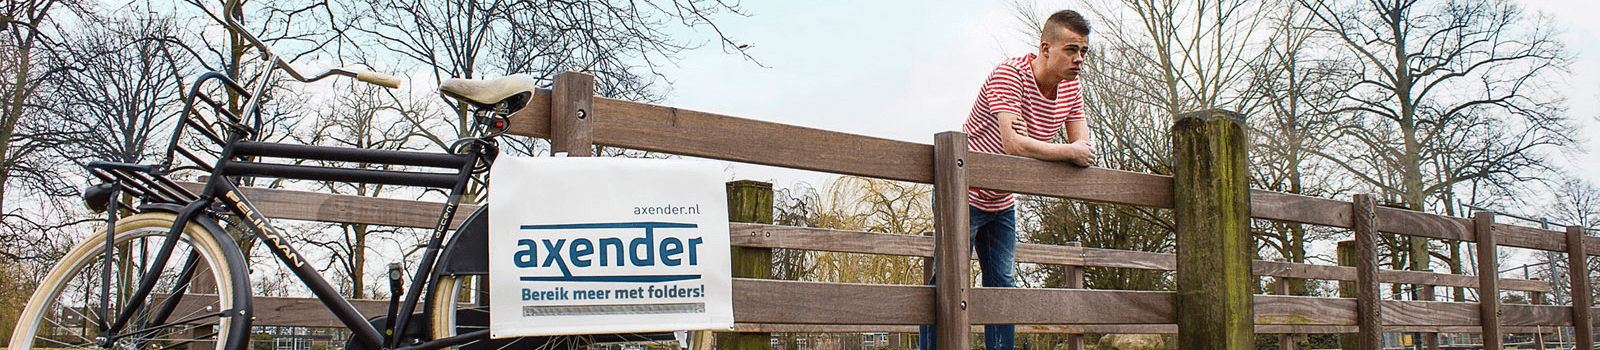 Bezorgen van Folders - Vul vrijblijvend het formulier in en meld je aan als bezorger!